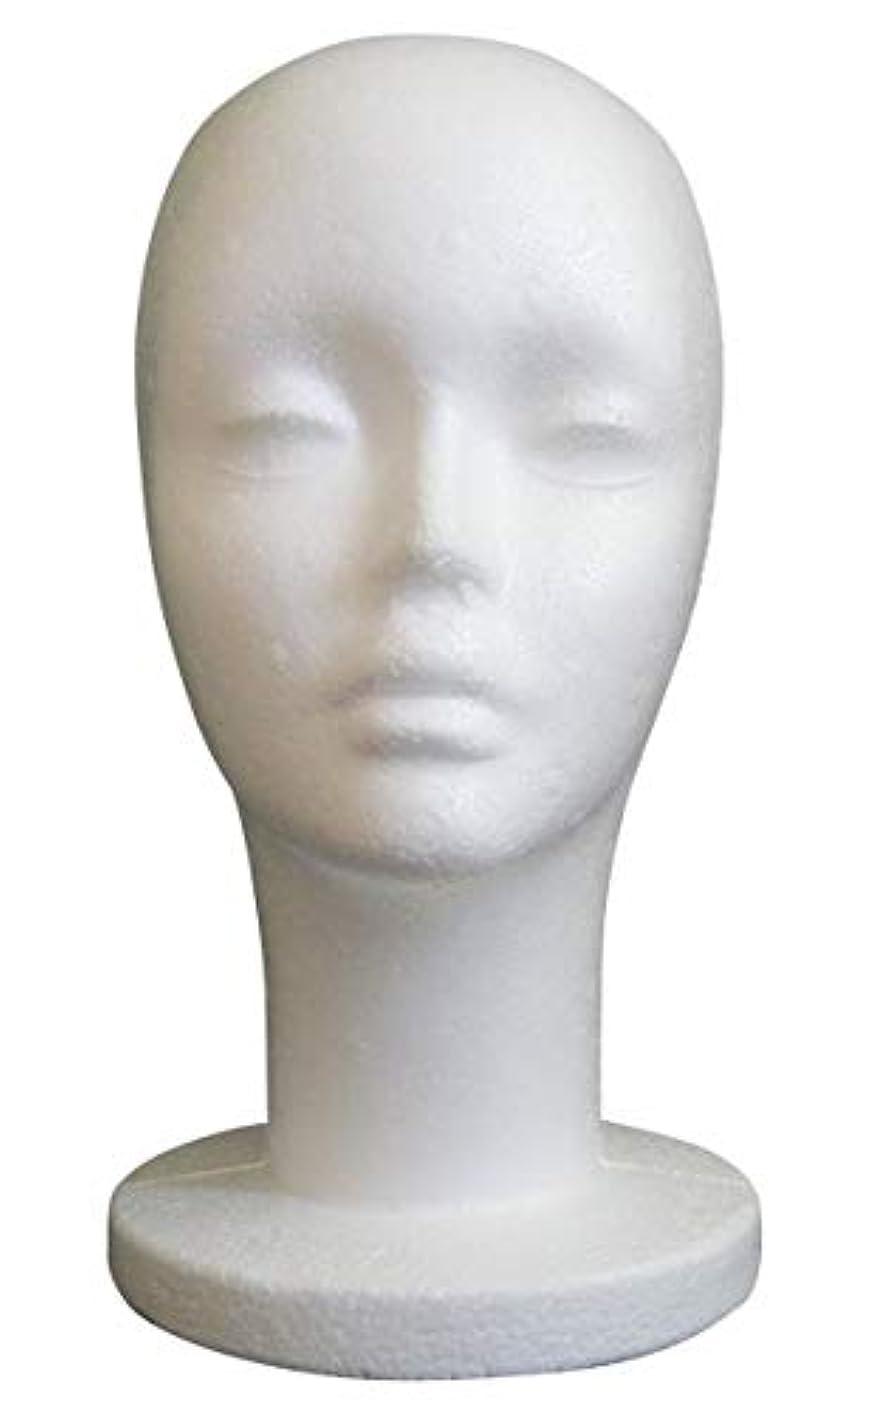 防止流行共感するGJTr マネキンヘッド マネキン ヘッド トルソー 頭 ウィッグ スタンド ディスプレイ 女性 女